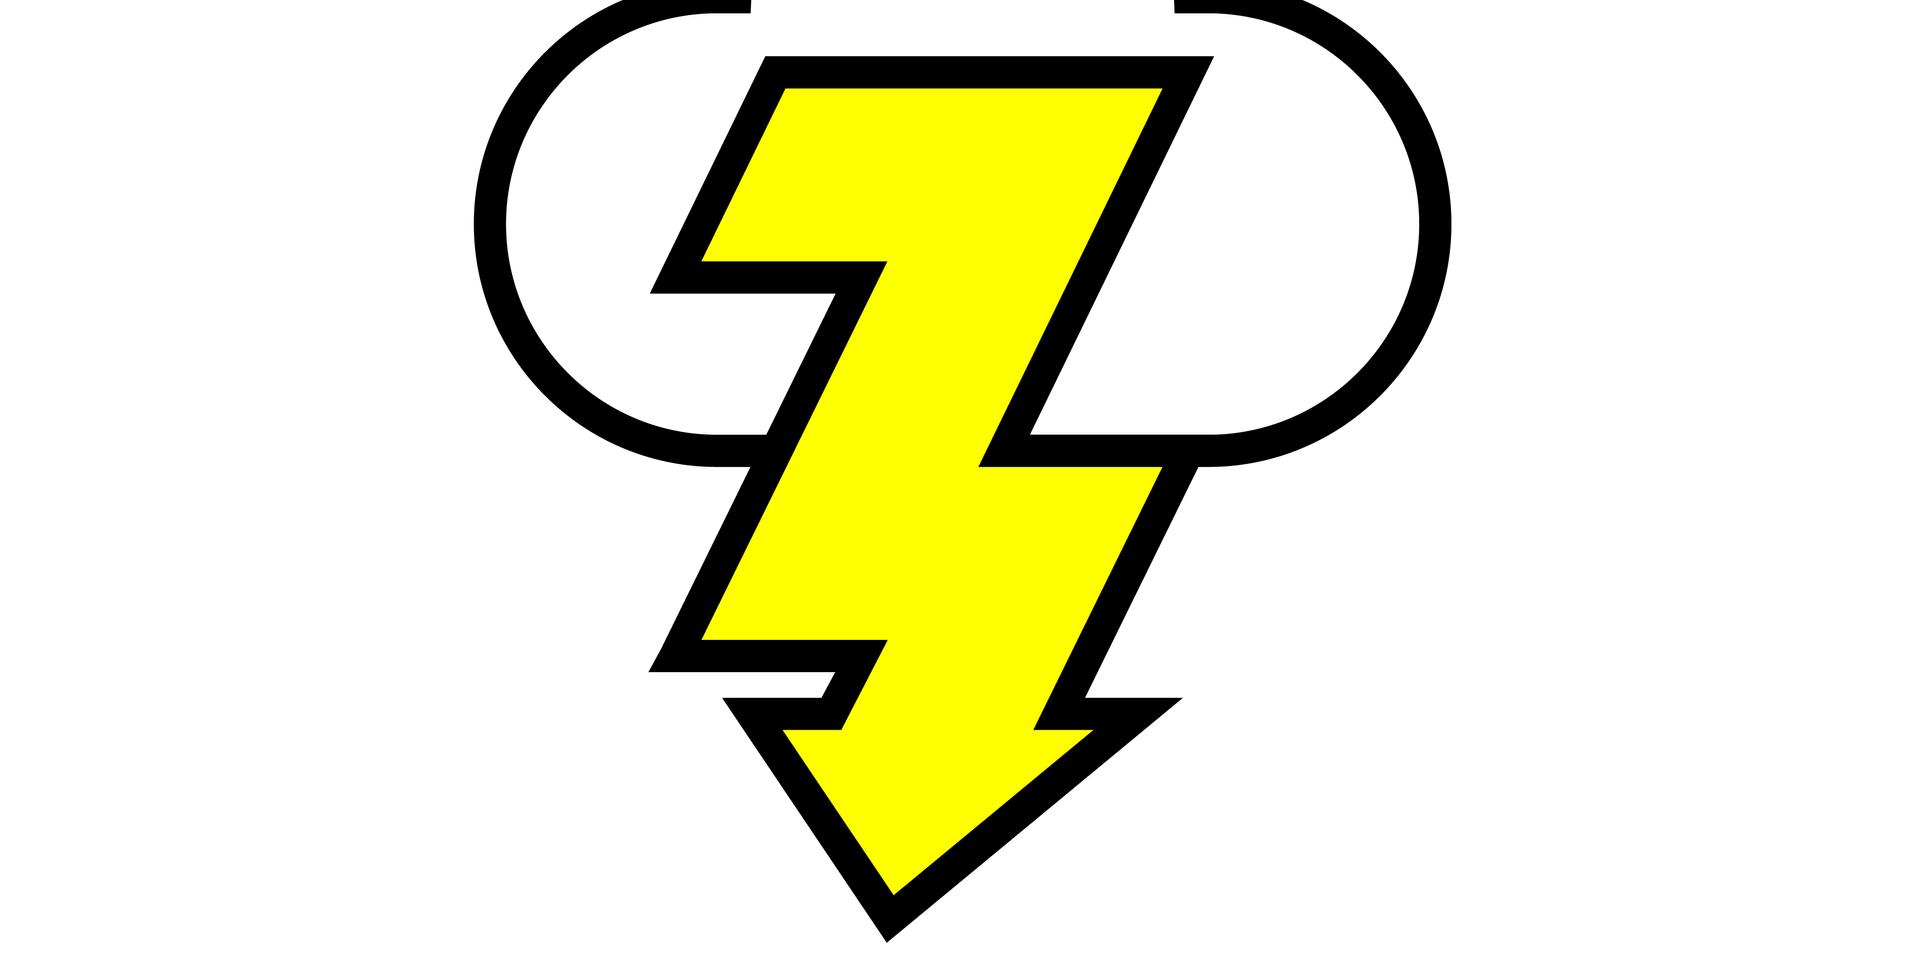 zip cloud logo